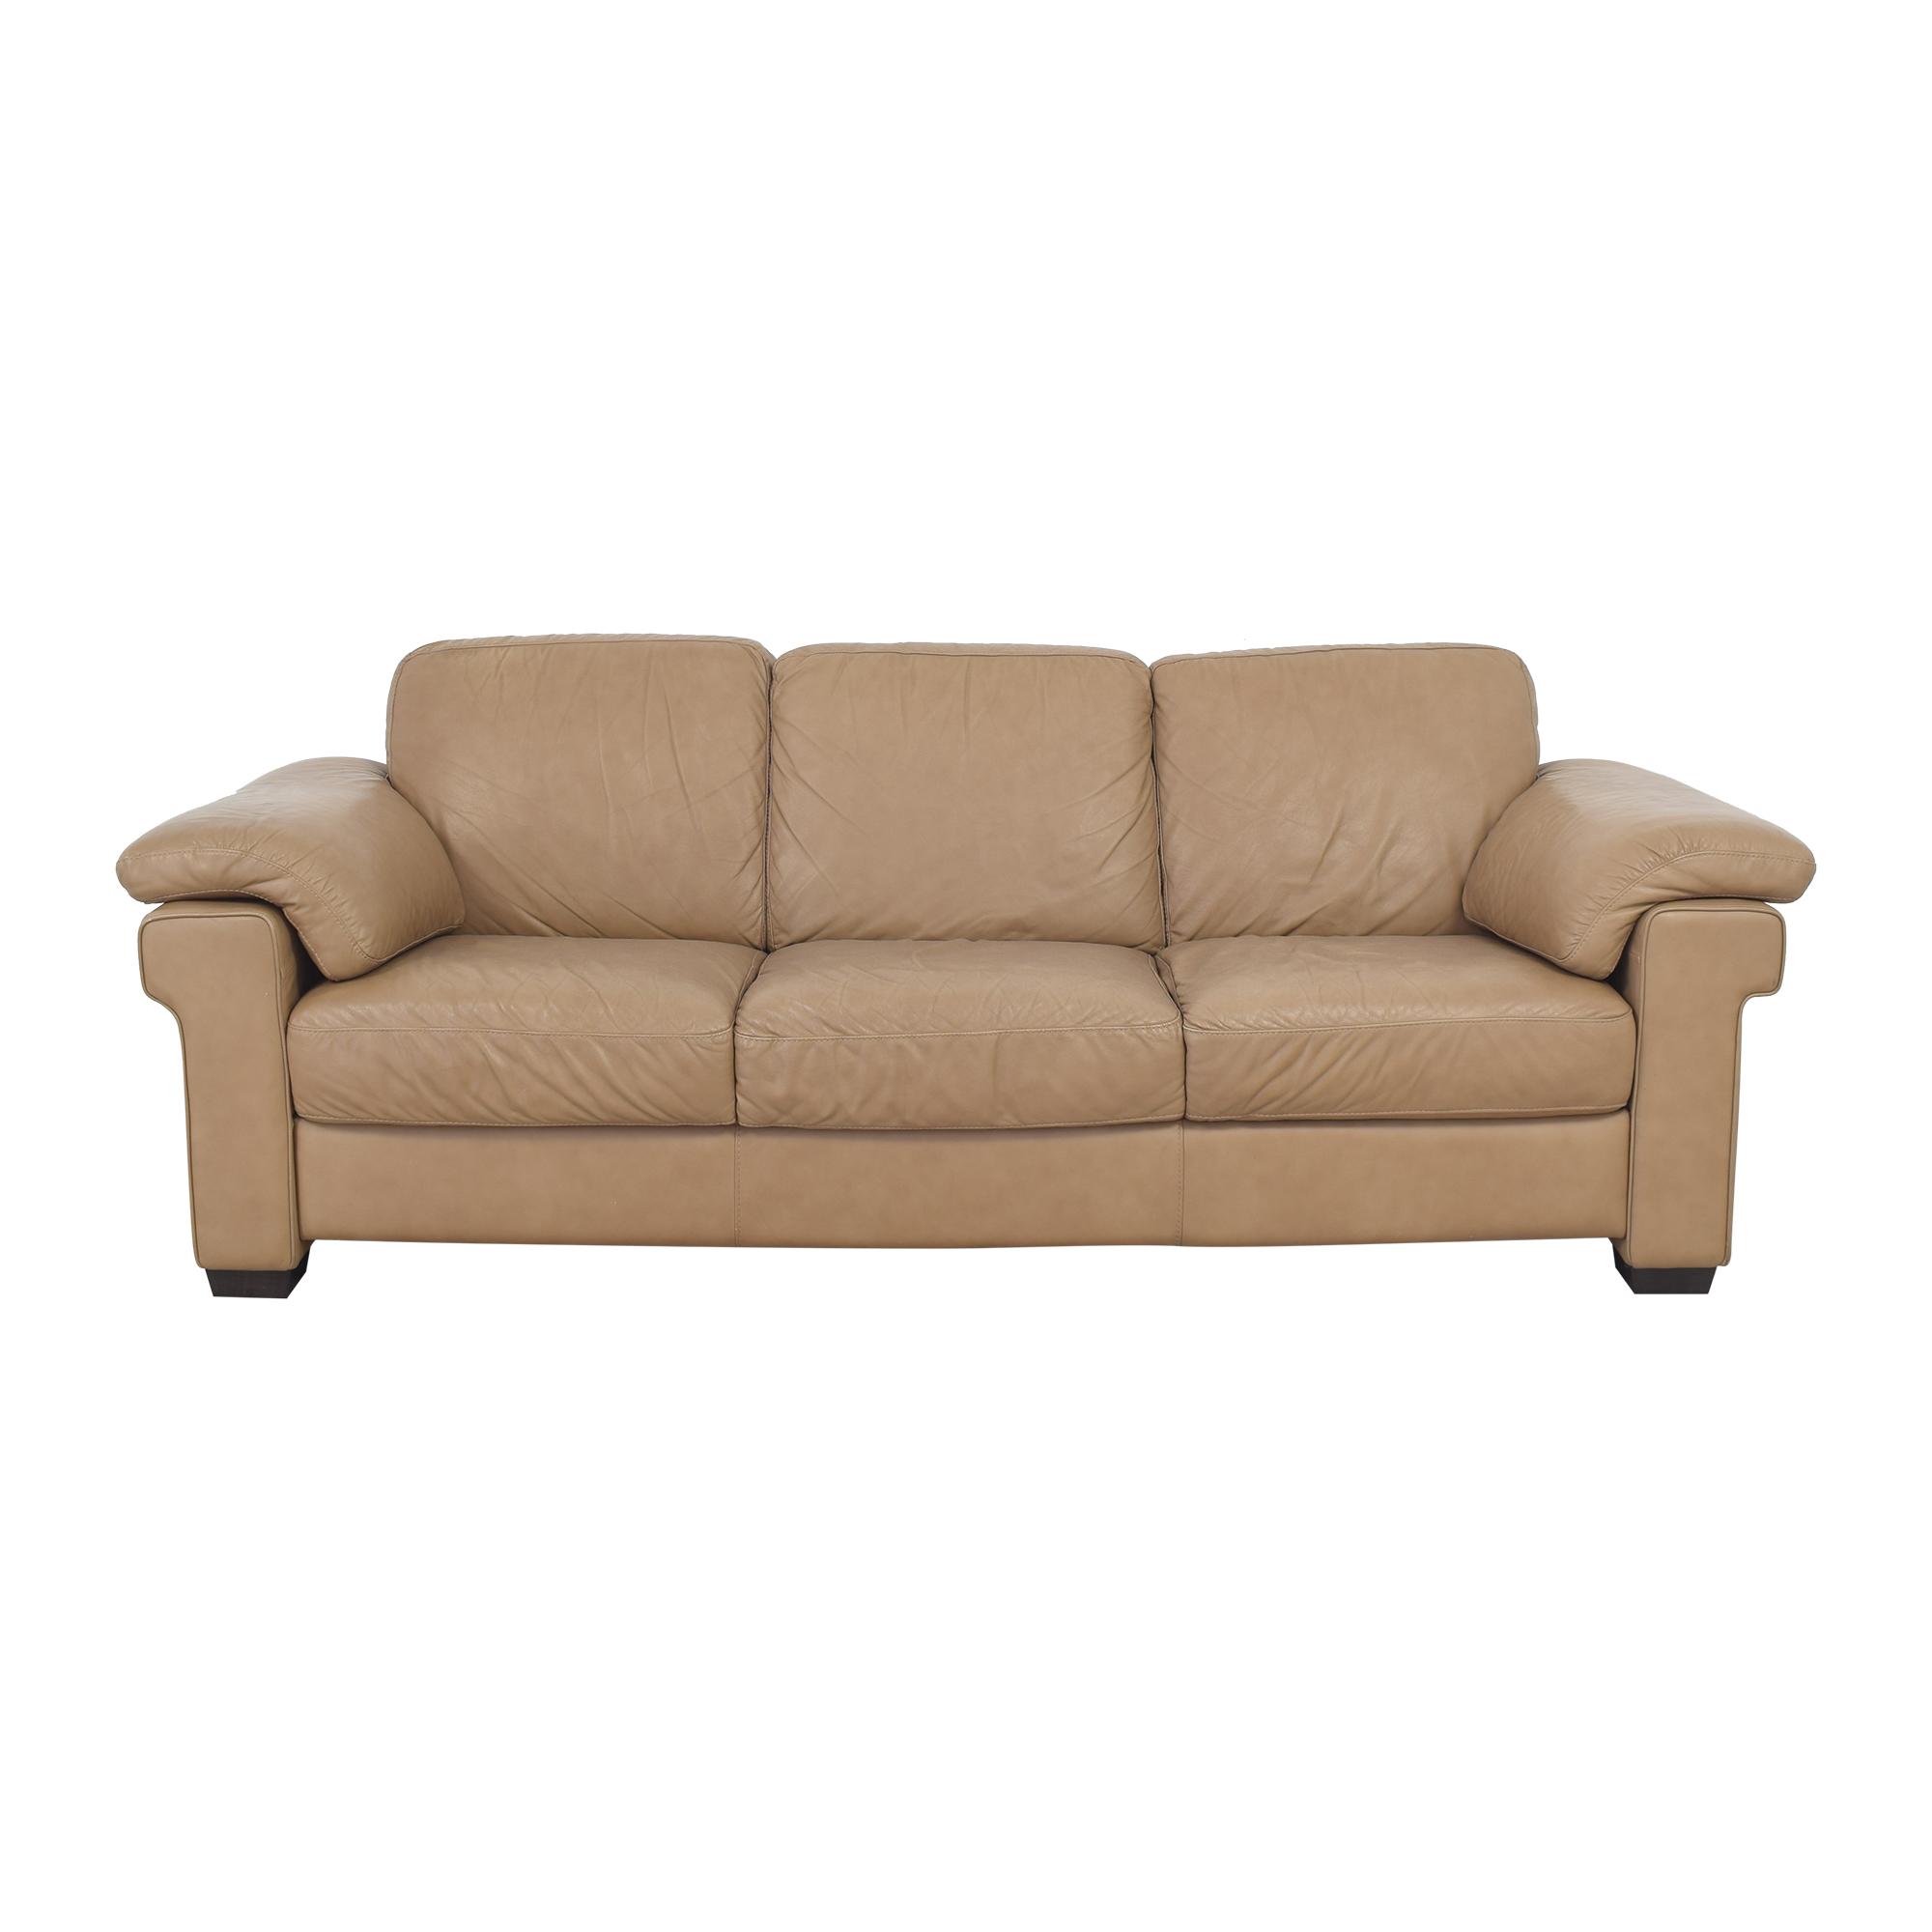 Natuzzi Natuzzi Three Seat Sofa